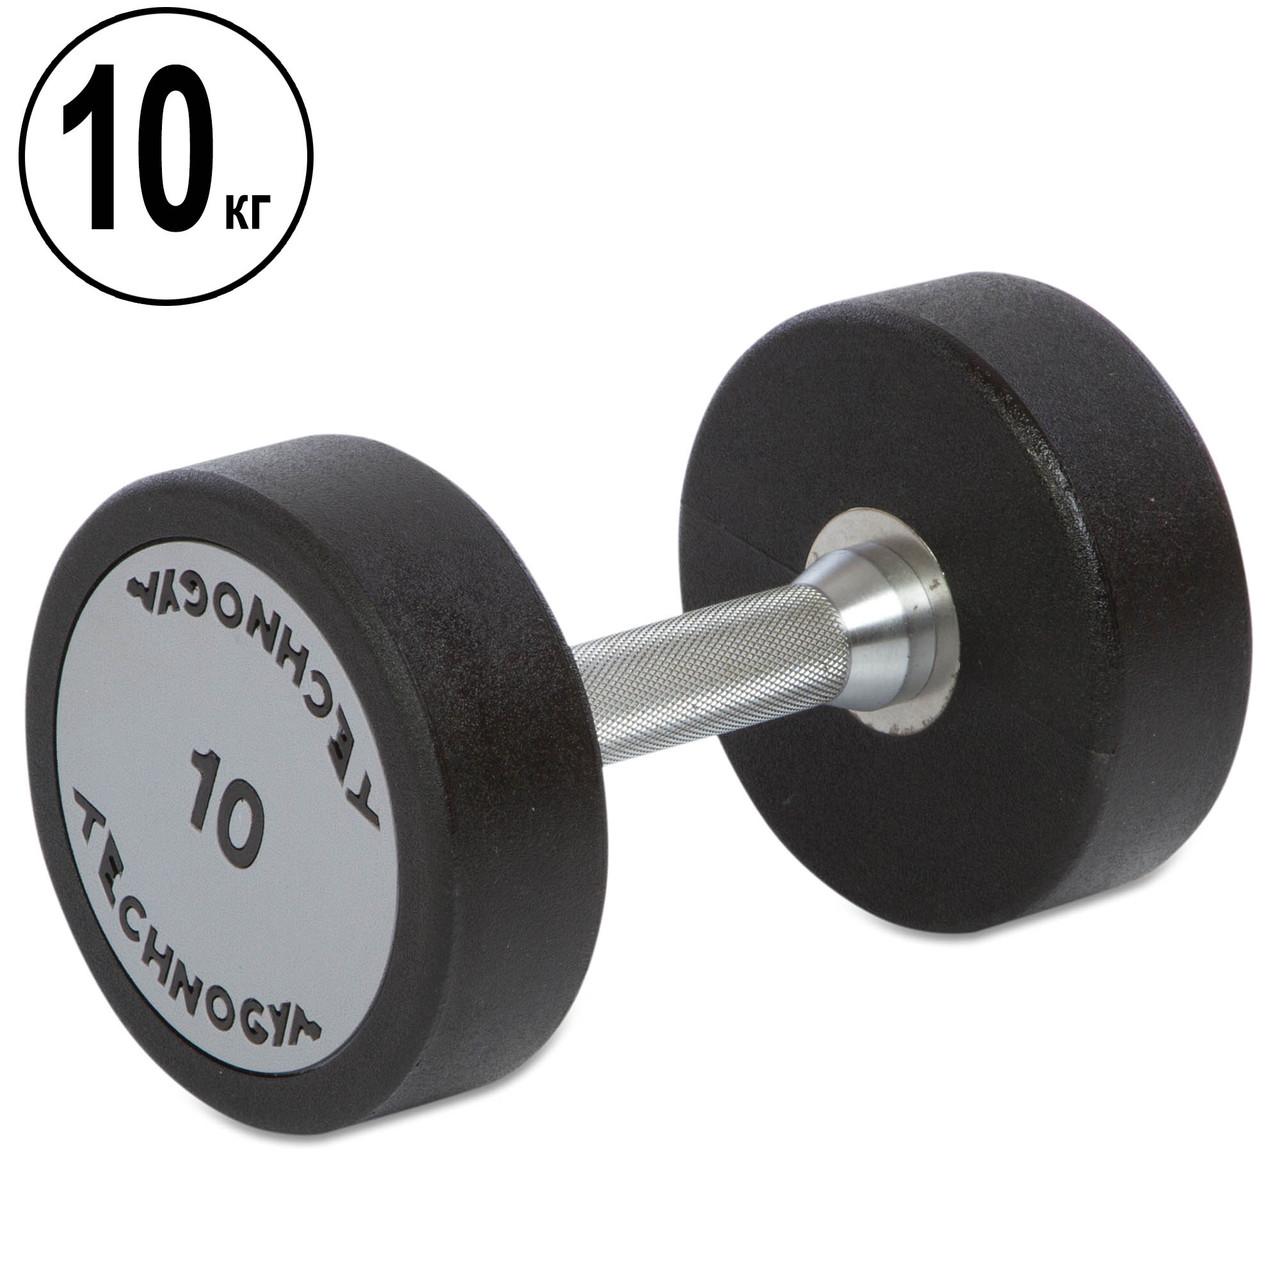 Гантель цельная профессиональная 10 кг TECHNOGYM (1шт) TG-1834-10